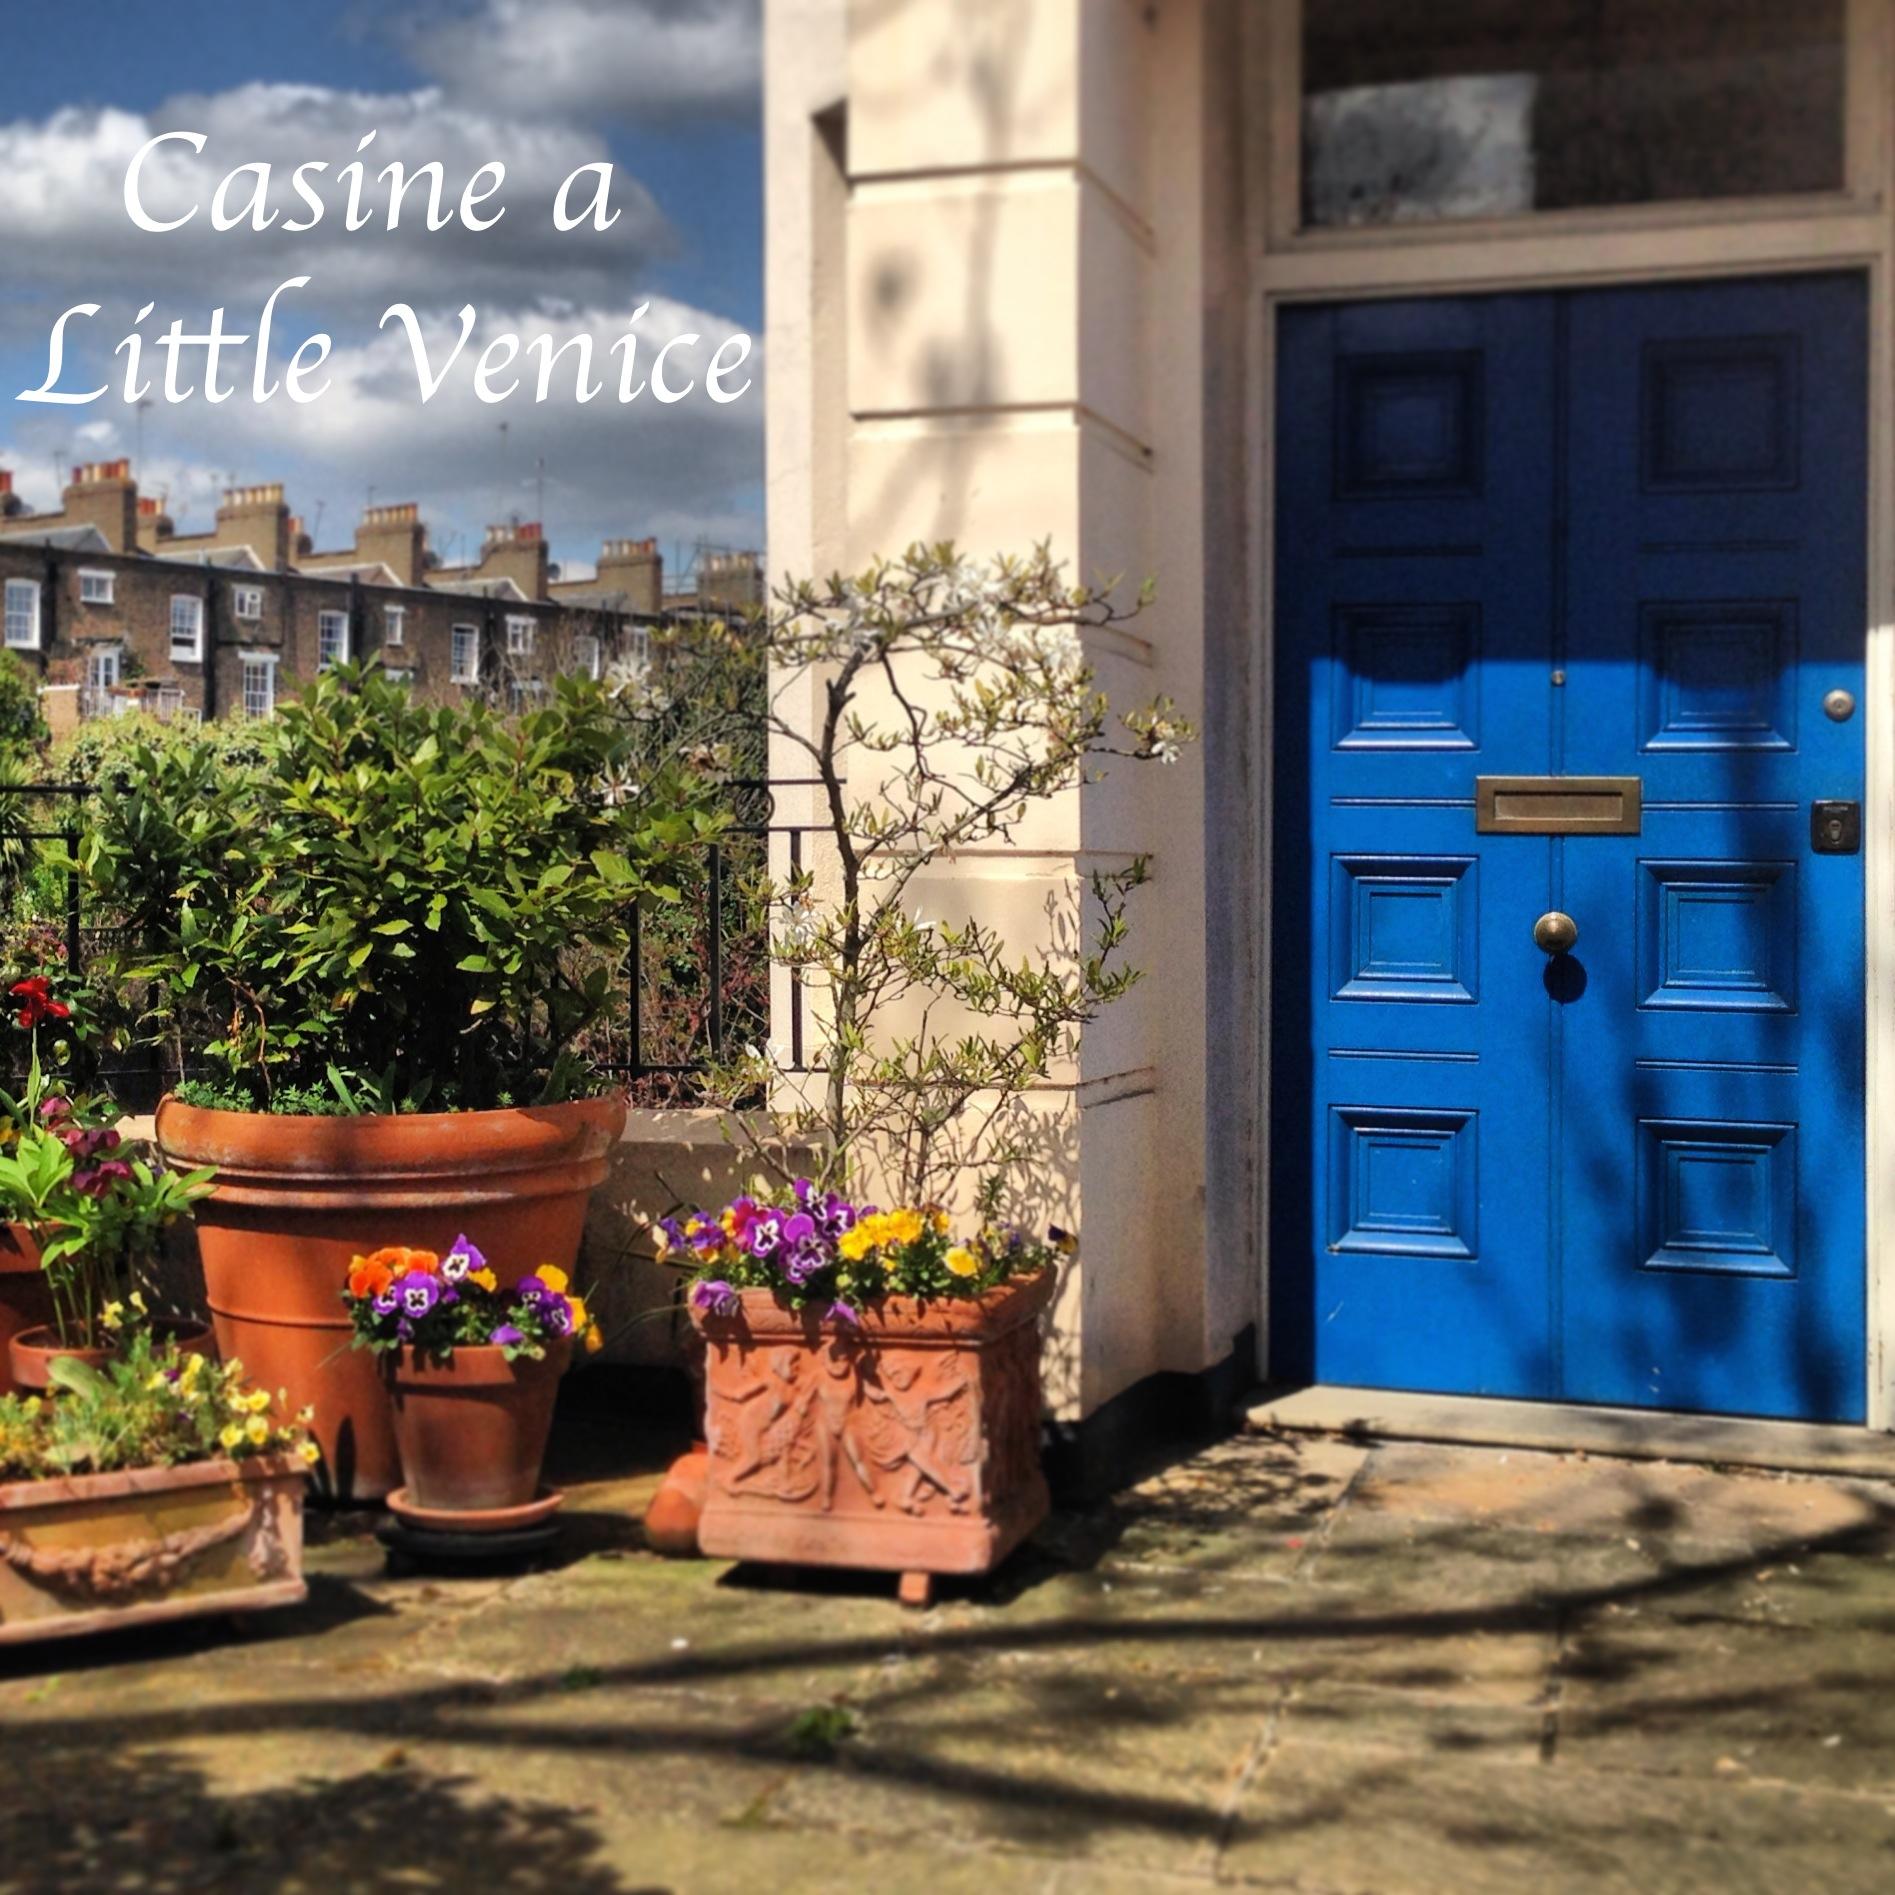 Casine a Little Venice